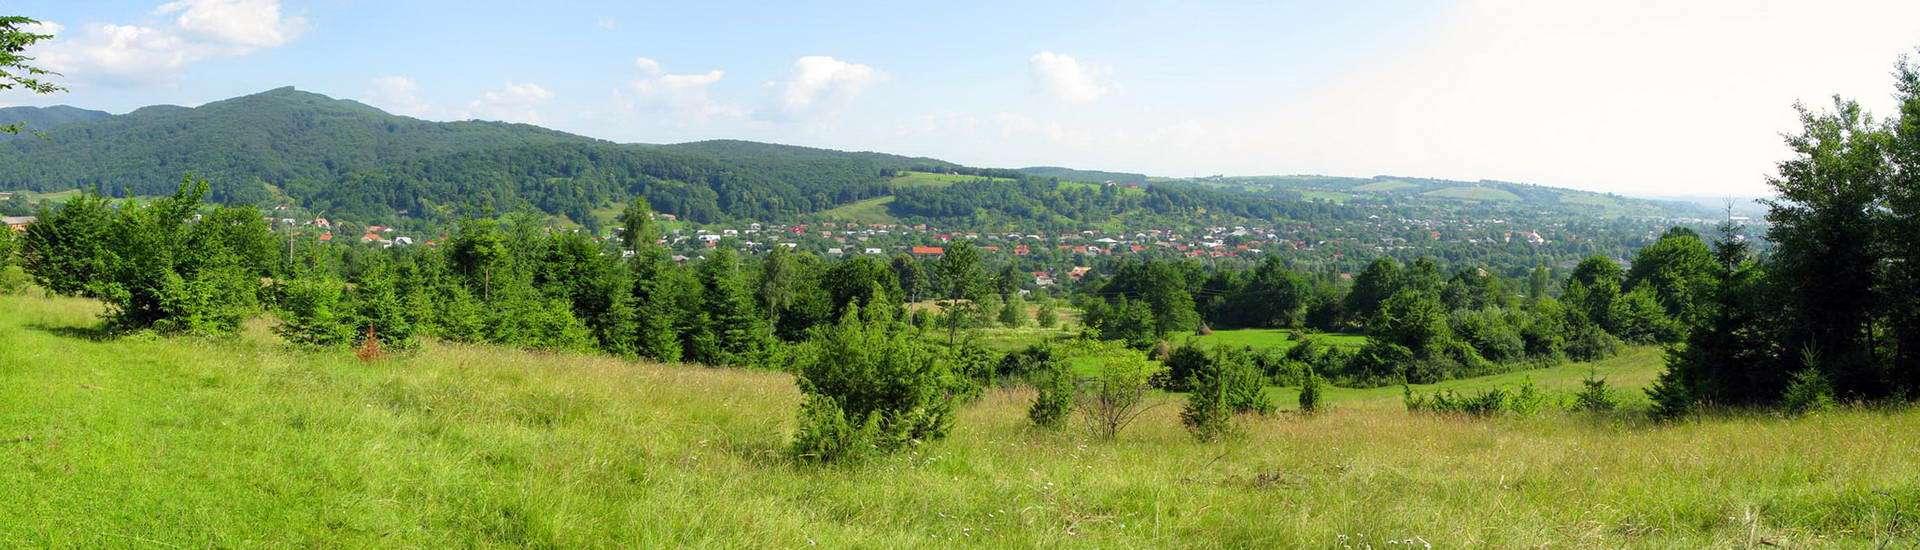 Косівський район, панорамний вид смт Яблунів